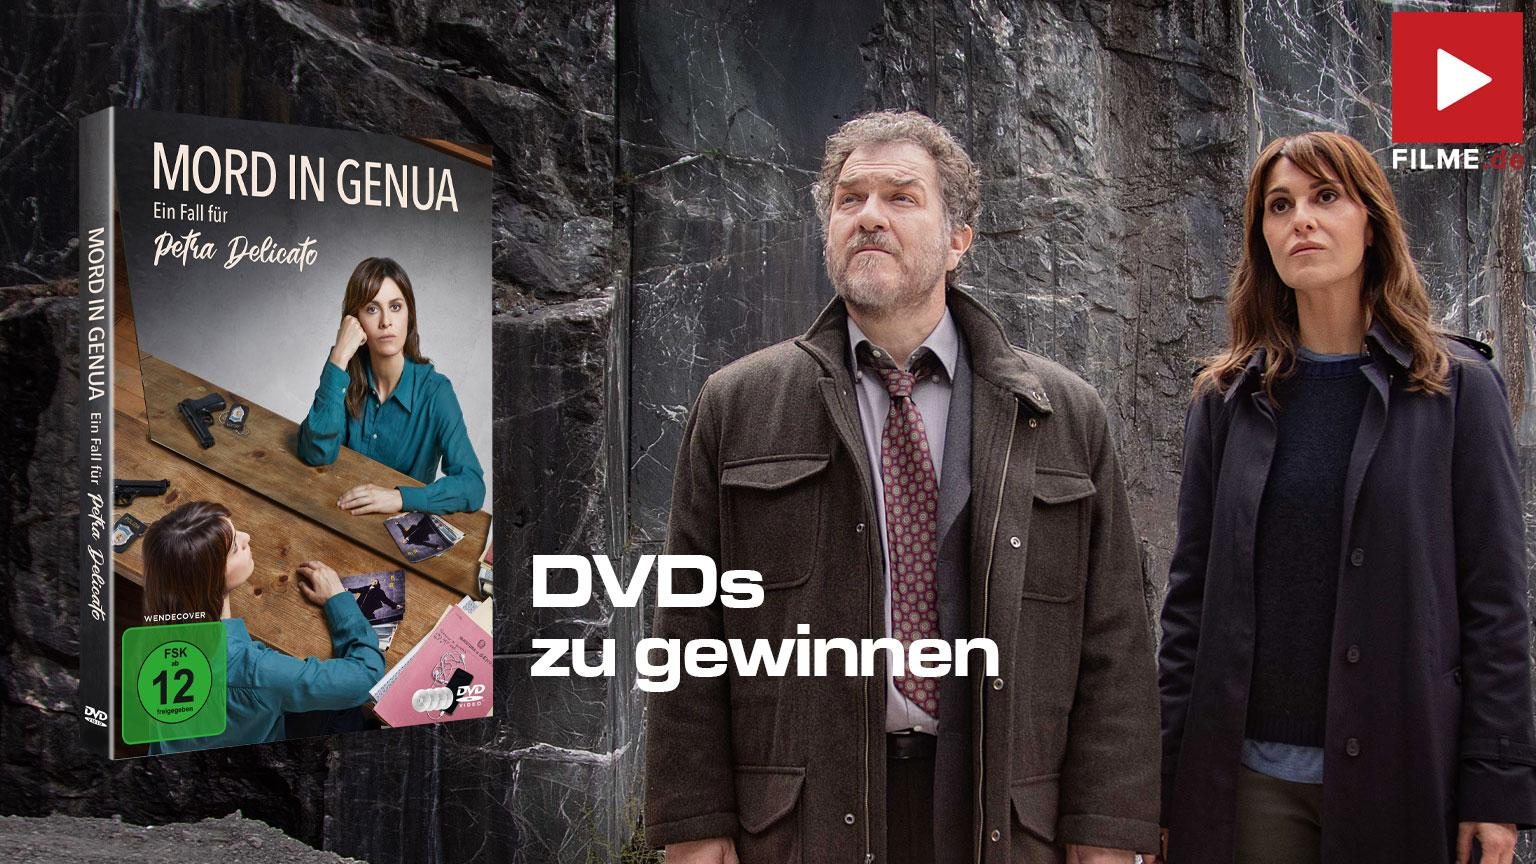 Mord in Genua – Ein Fall für Petra Delicato Serie 2021 DVD Blu-ray Gewinnspiel gewinnen Artikelbild